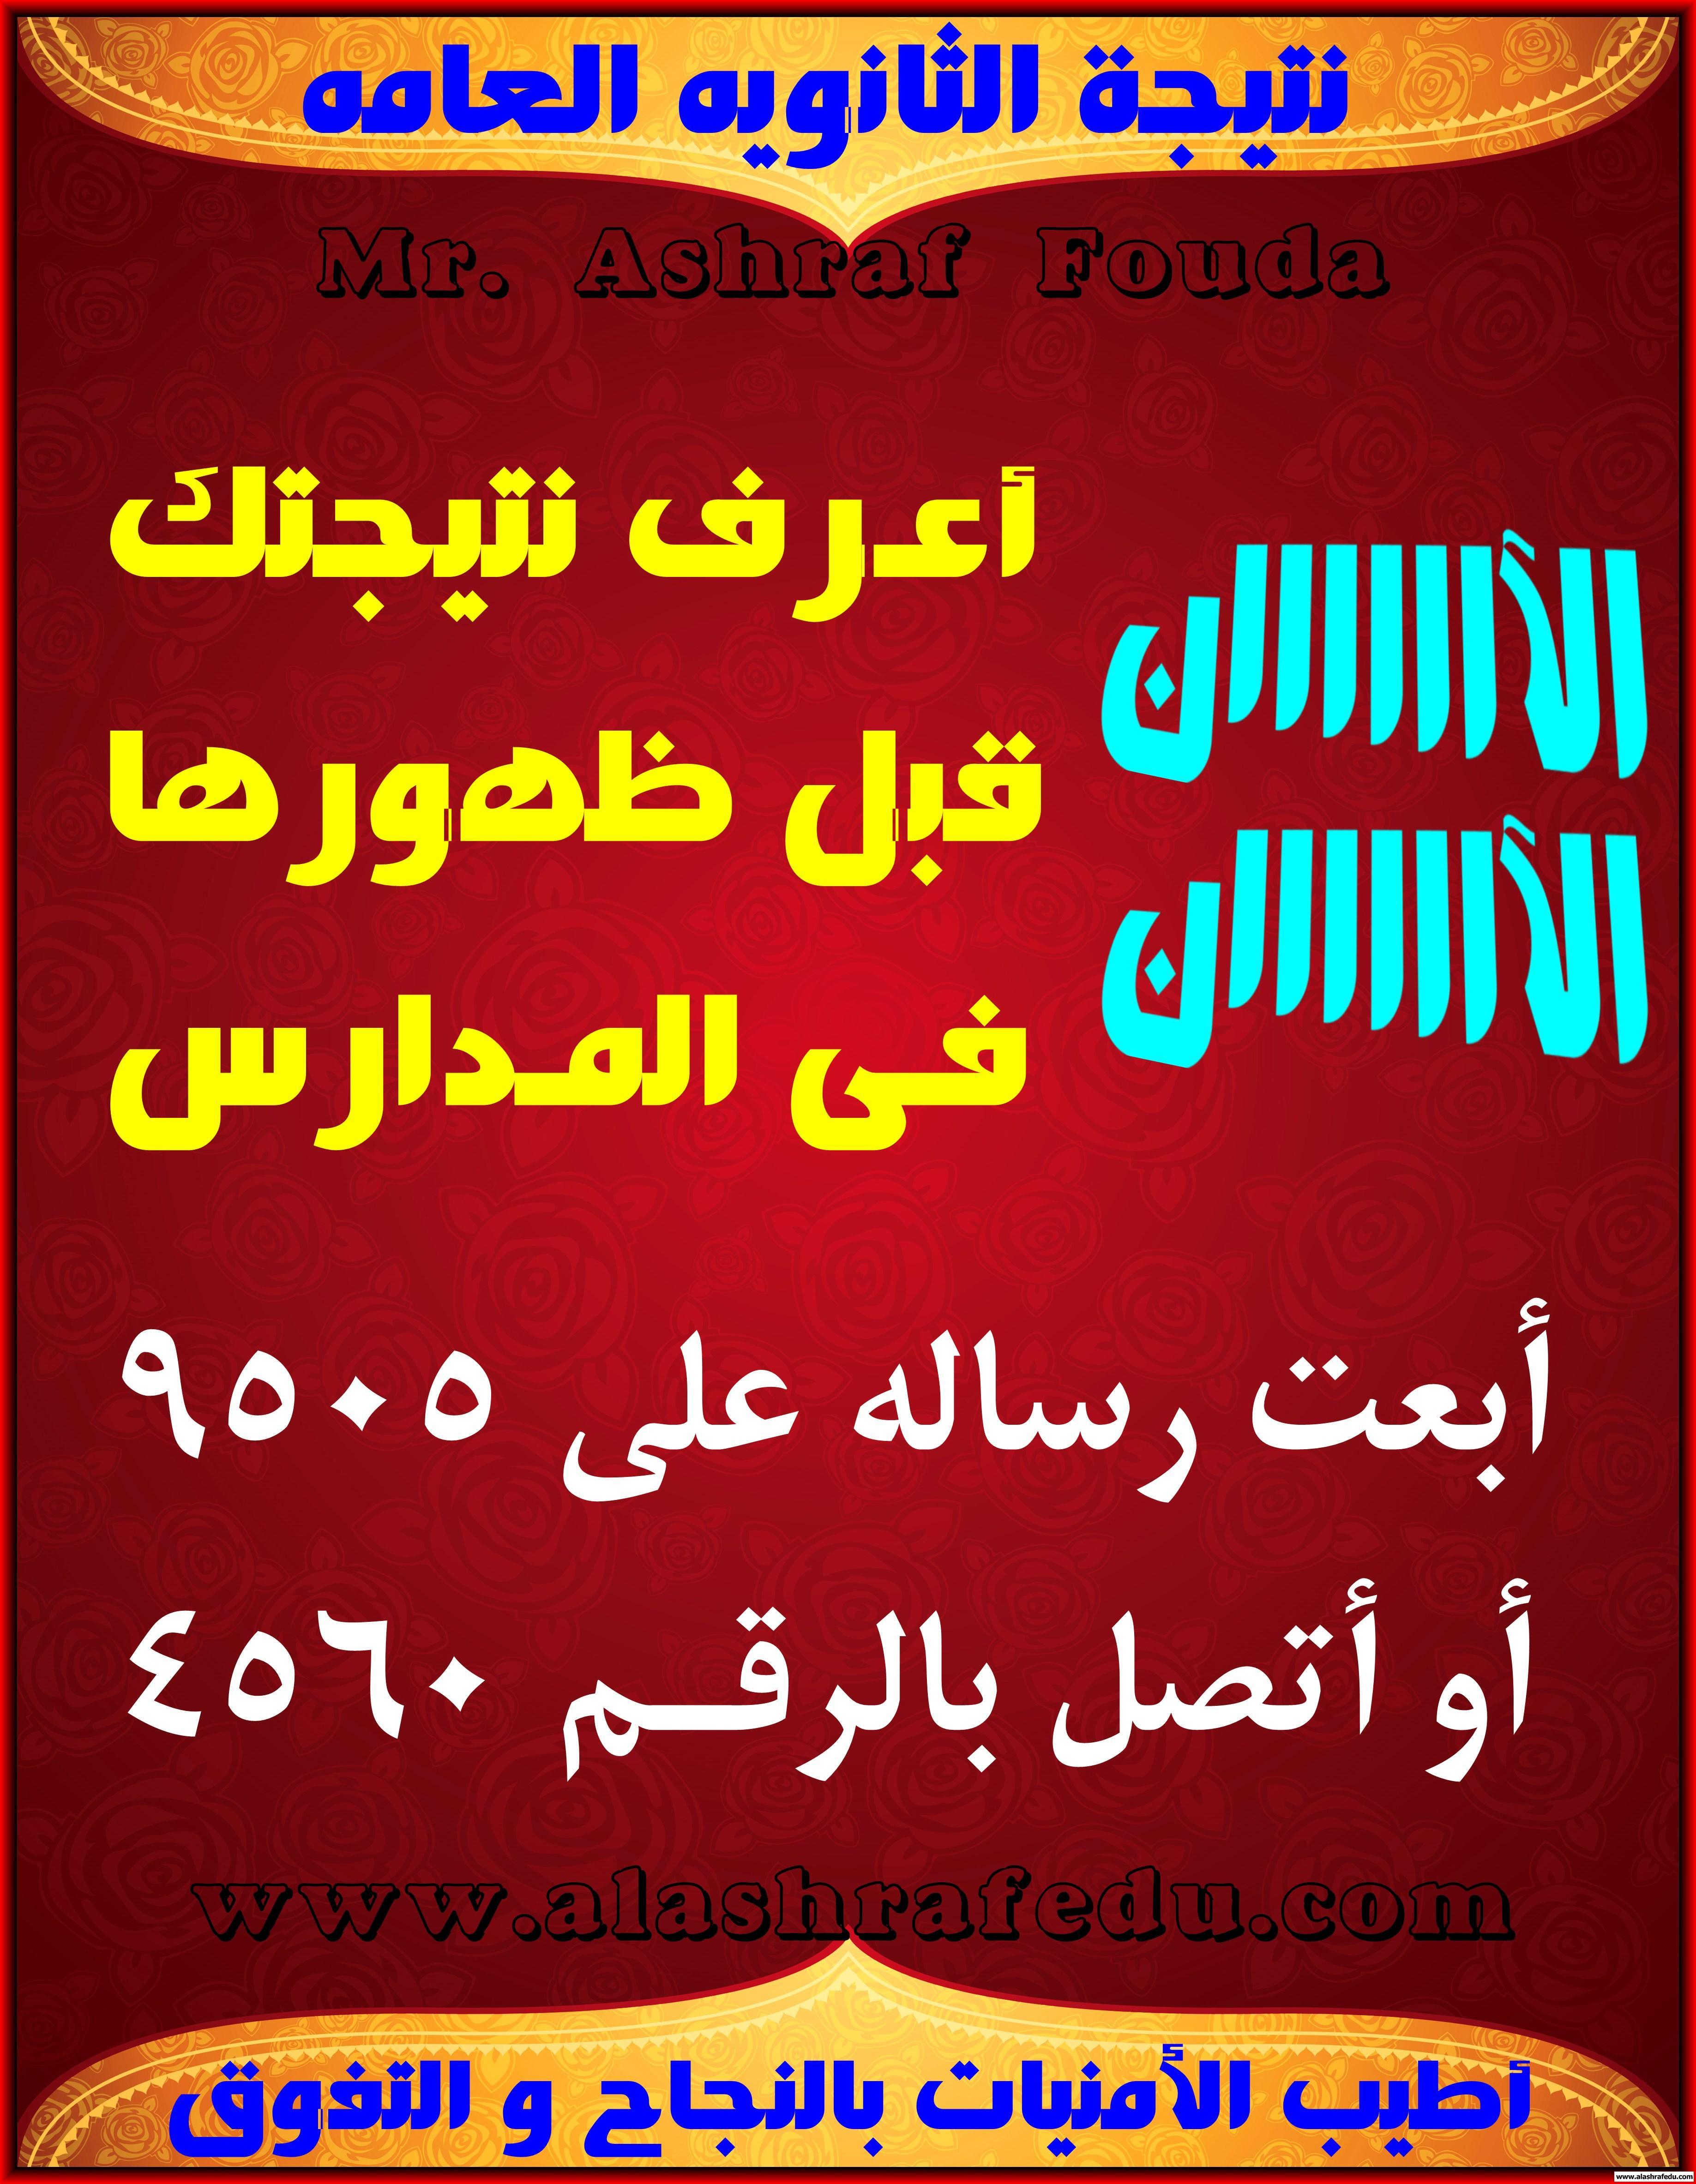 الآن نتيجة شهادة الثانويه العامه www.alashrafedu.com1